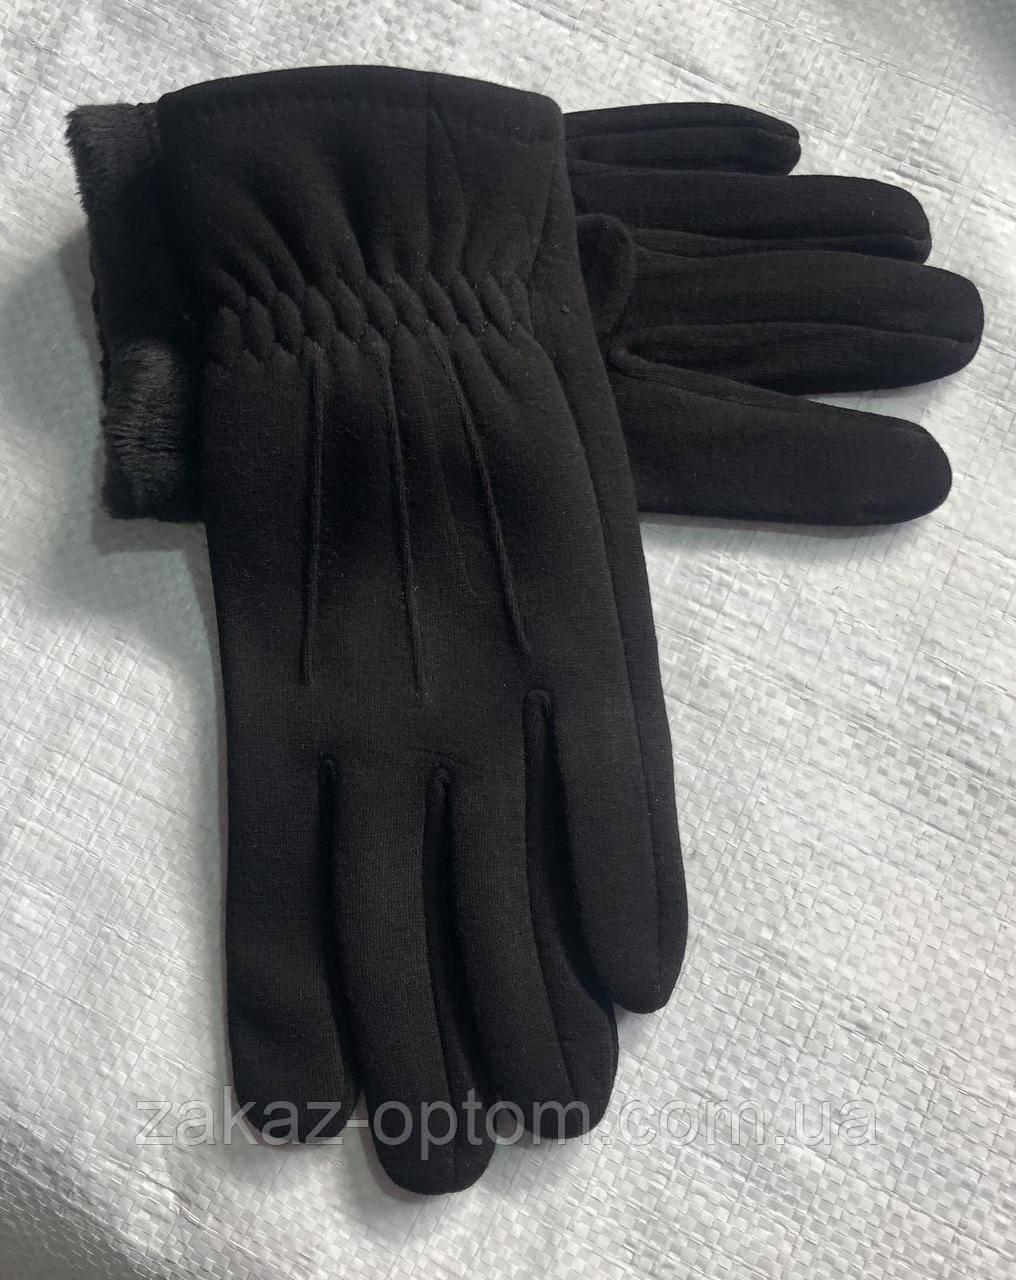 Перчатки мужские оптом внутри начес (10-12)Китай-63094